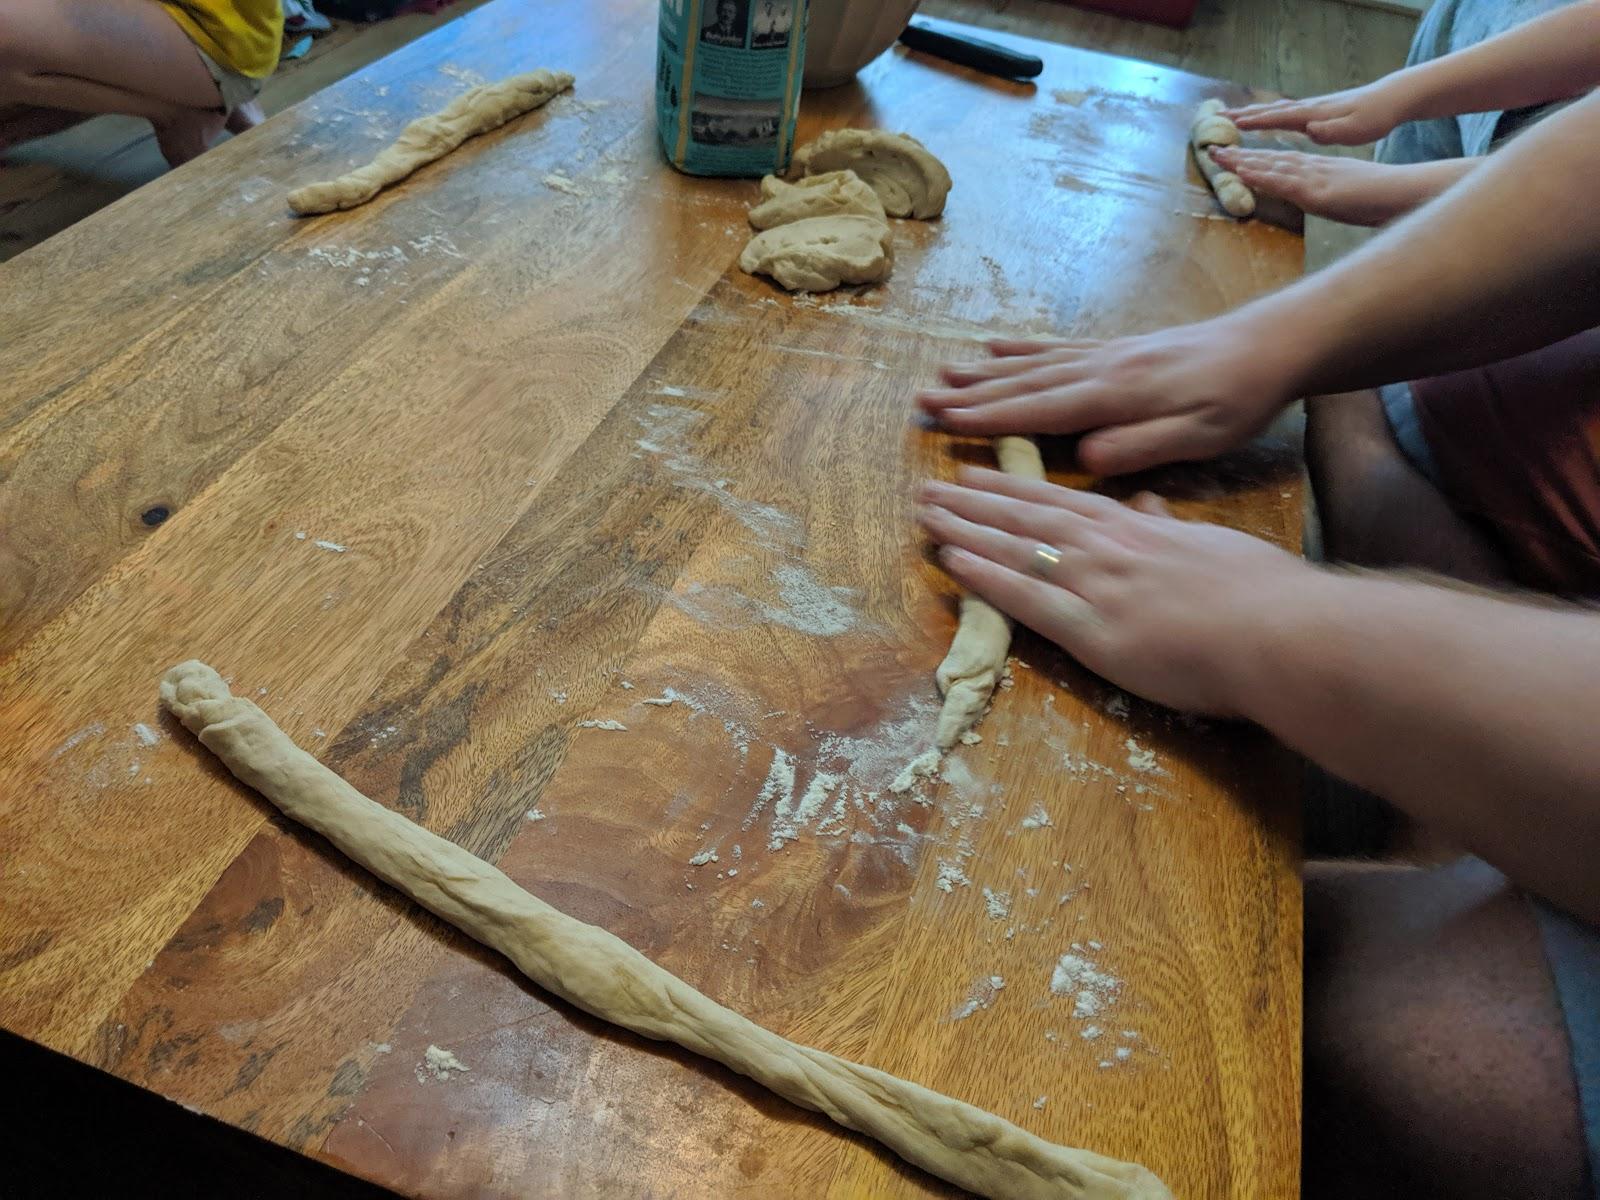 Holiday Memories : Making Pretzels at Home  - rolling pretzel dough